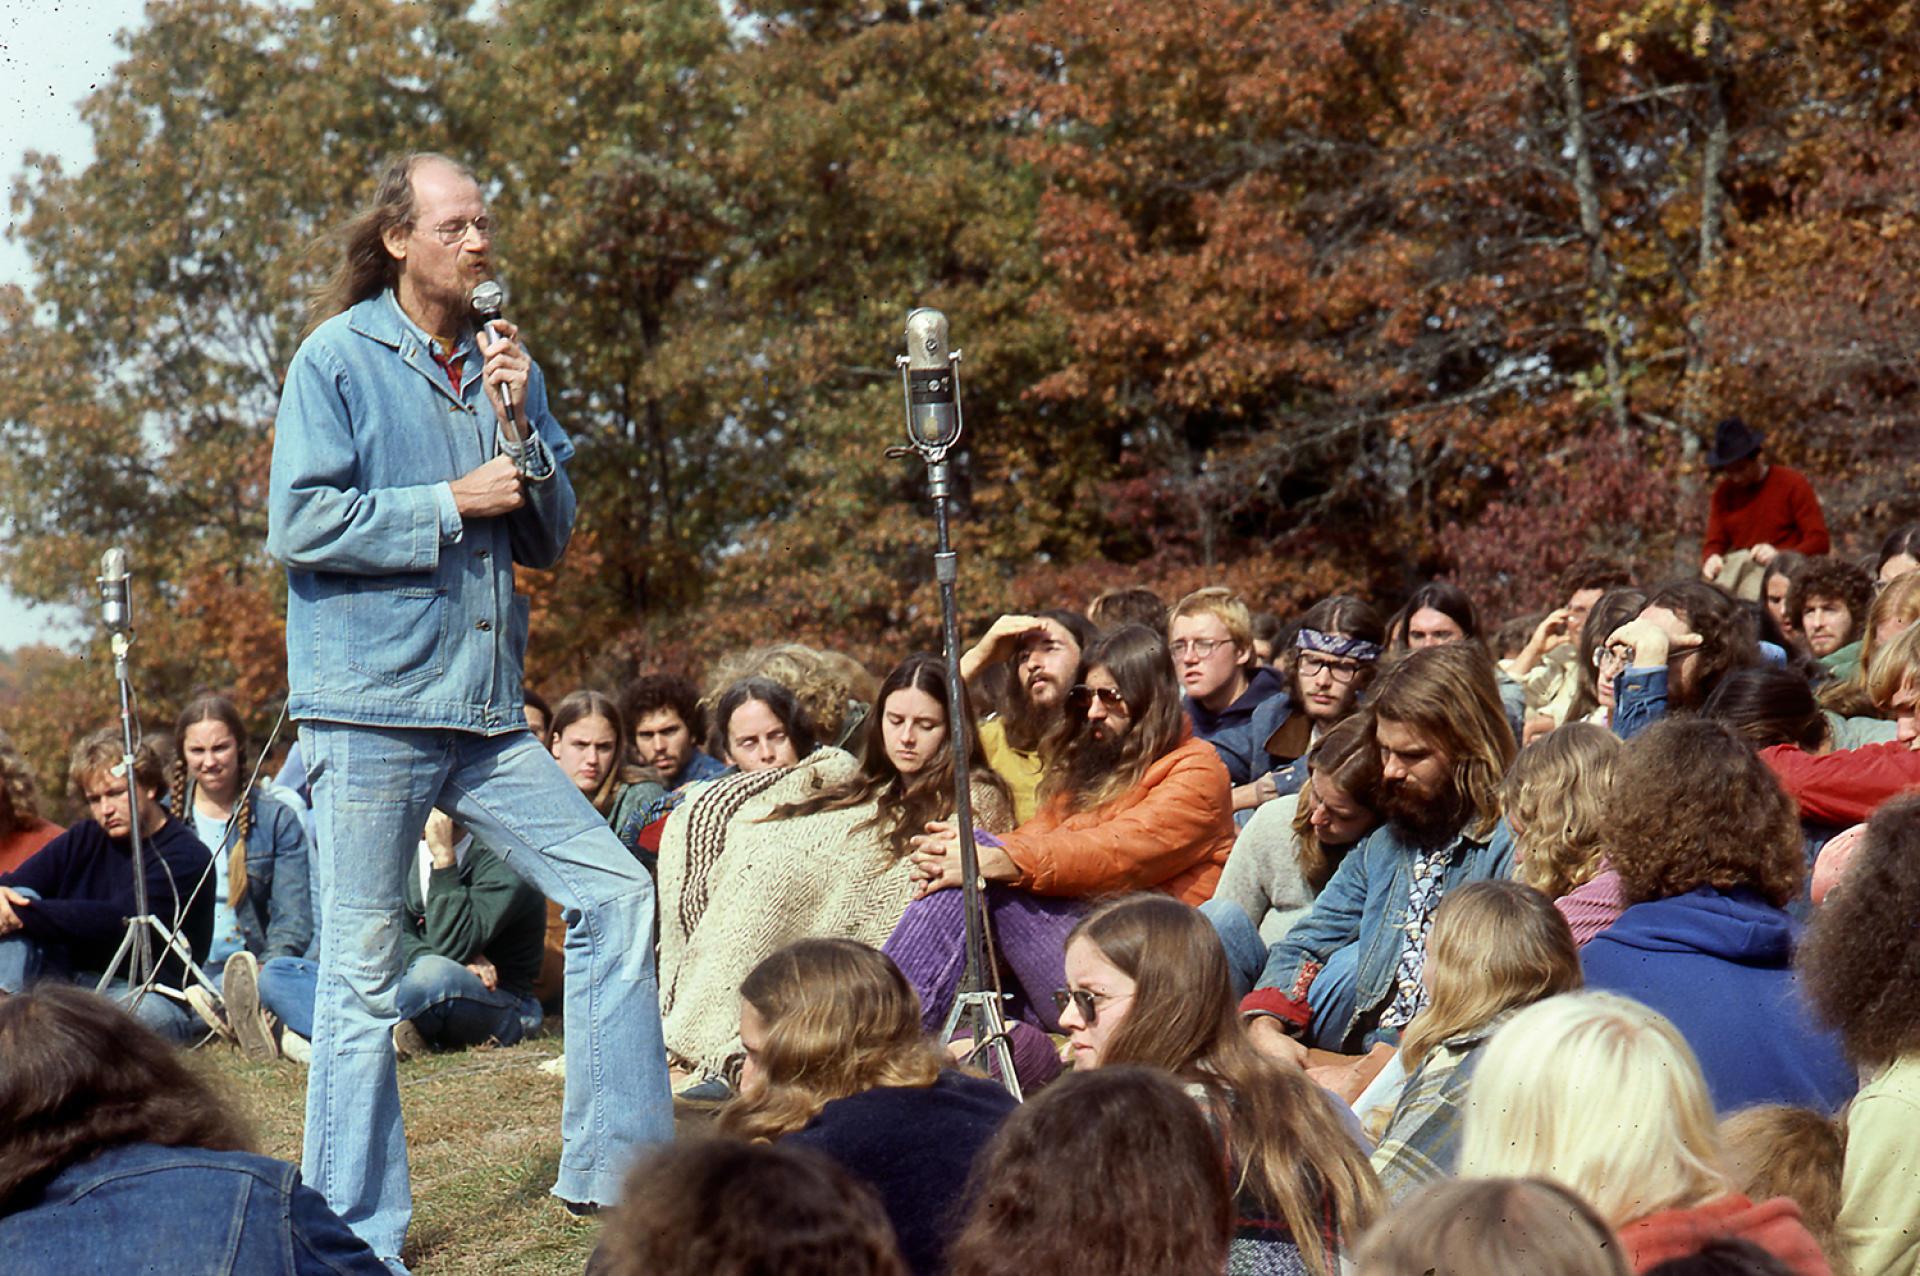 Stepher Gaskin, leader de La Ferme, une communauté alternative installée dans le Tennessee, d'où furent bannis les produits animaux.